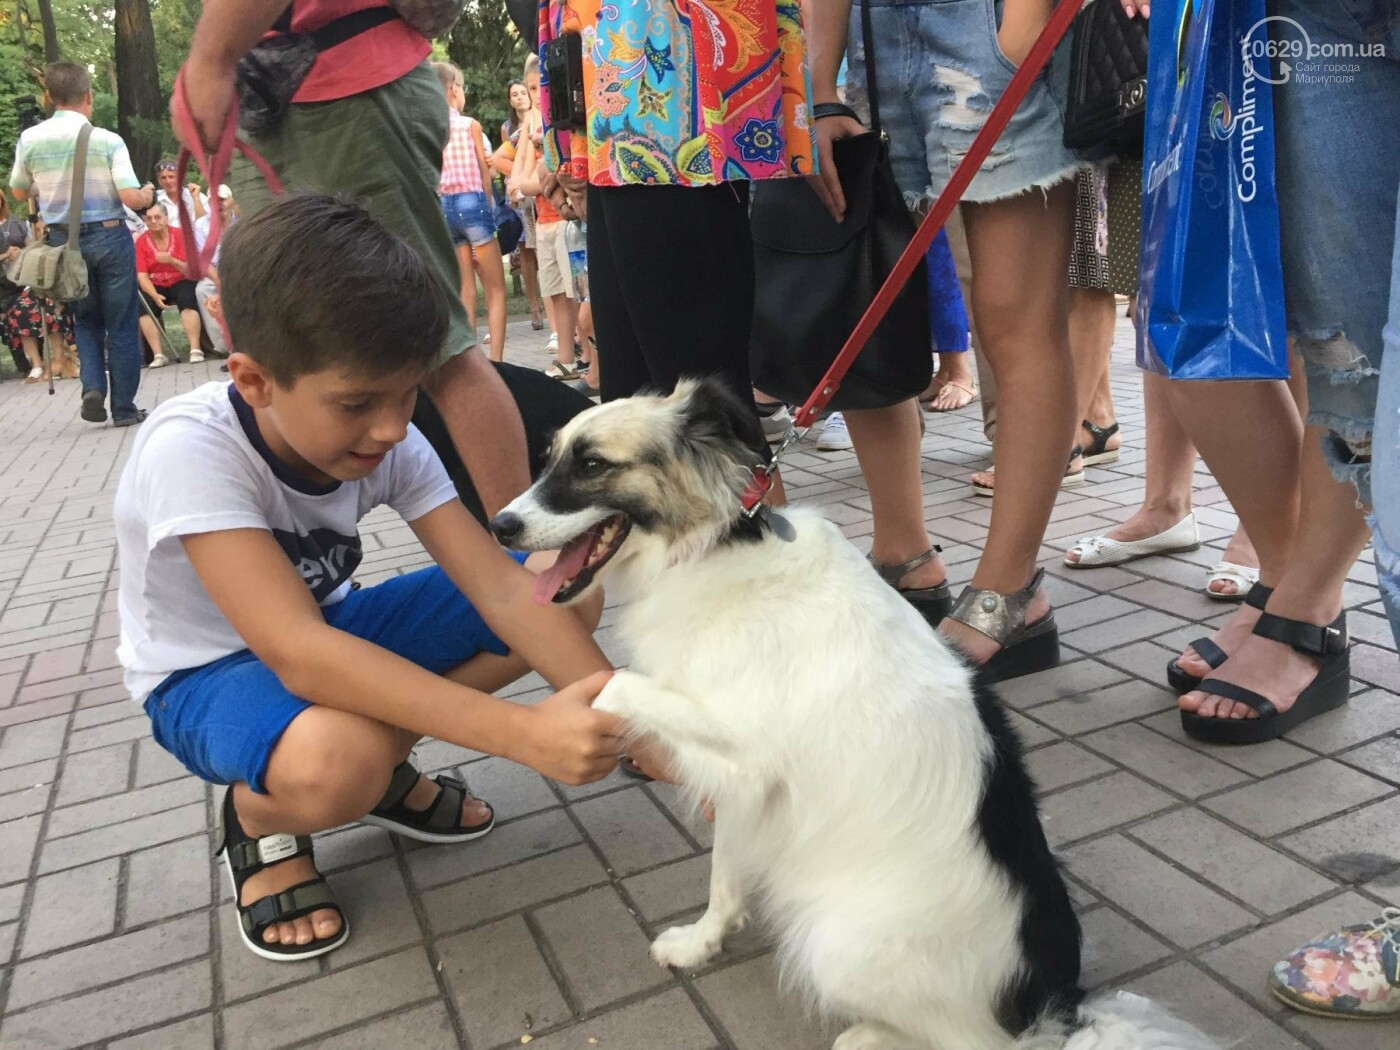 """""""Моя дворНяшка"""". В Мариуполе выбрали самую лучшую беспородную собаку, -  ФОТО, ВИДЕО, фото-12"""